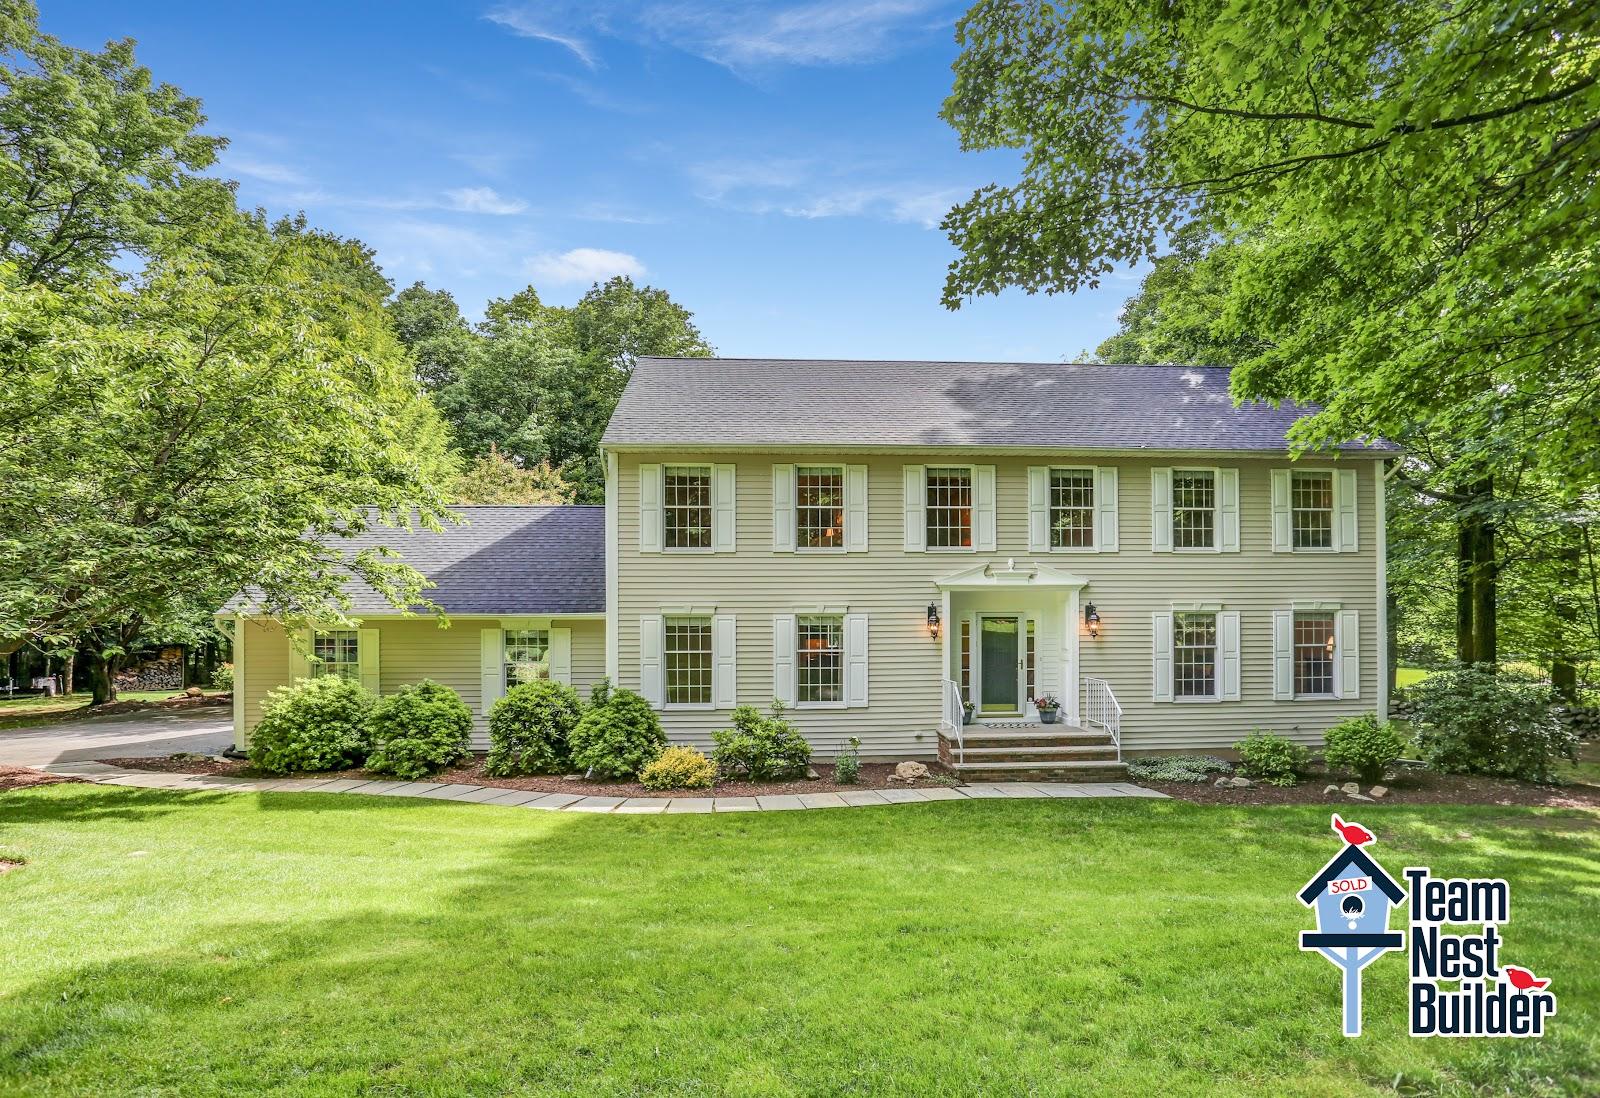 Your new home awaits at 79 Hidden Glen Drive!